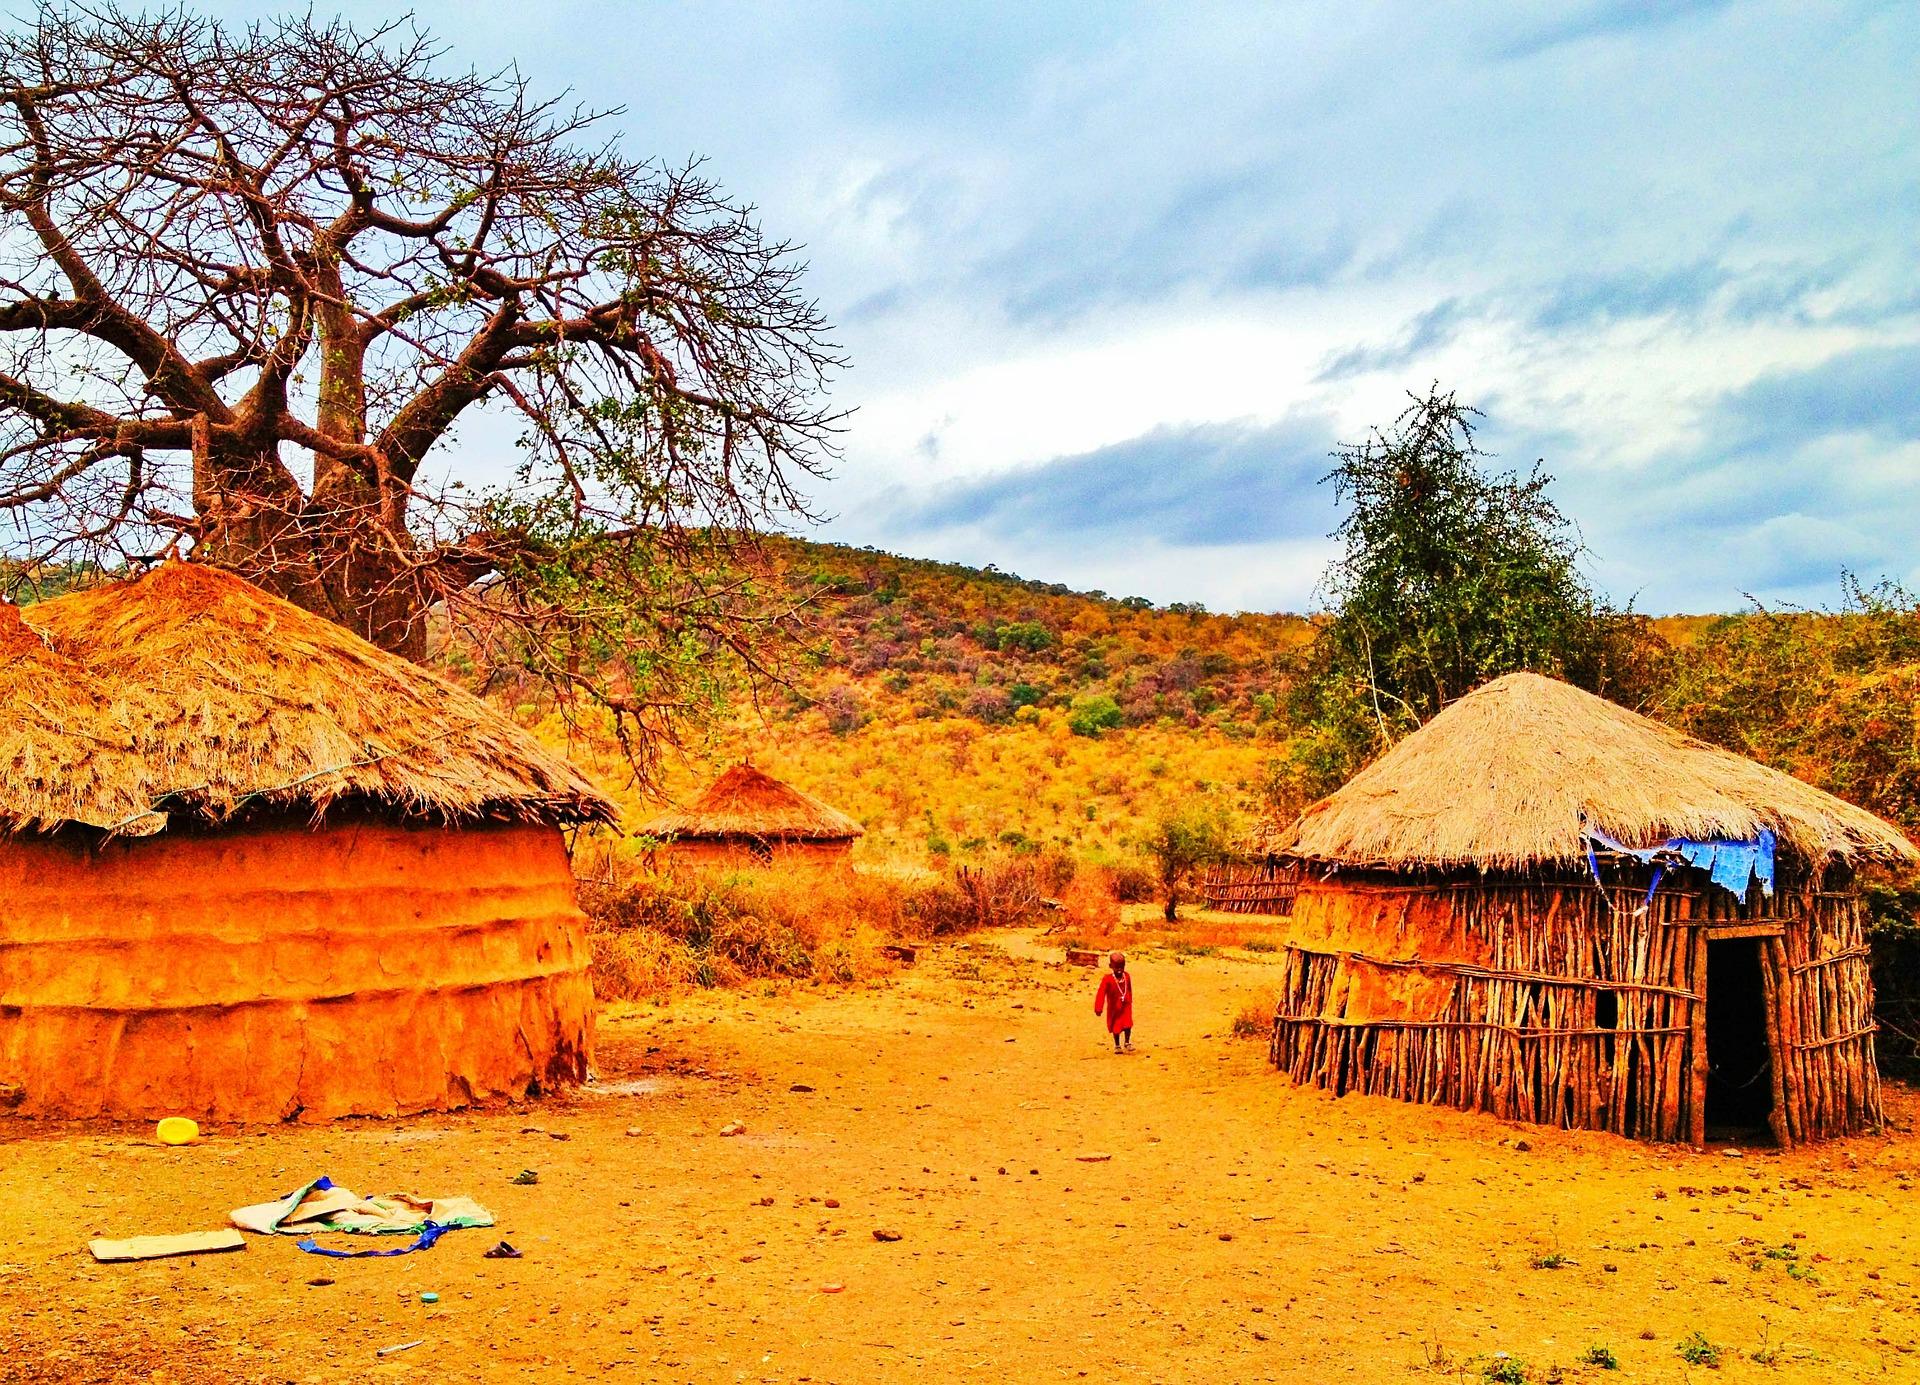 Rituální domek sekty Mungiki, centrální Keňa